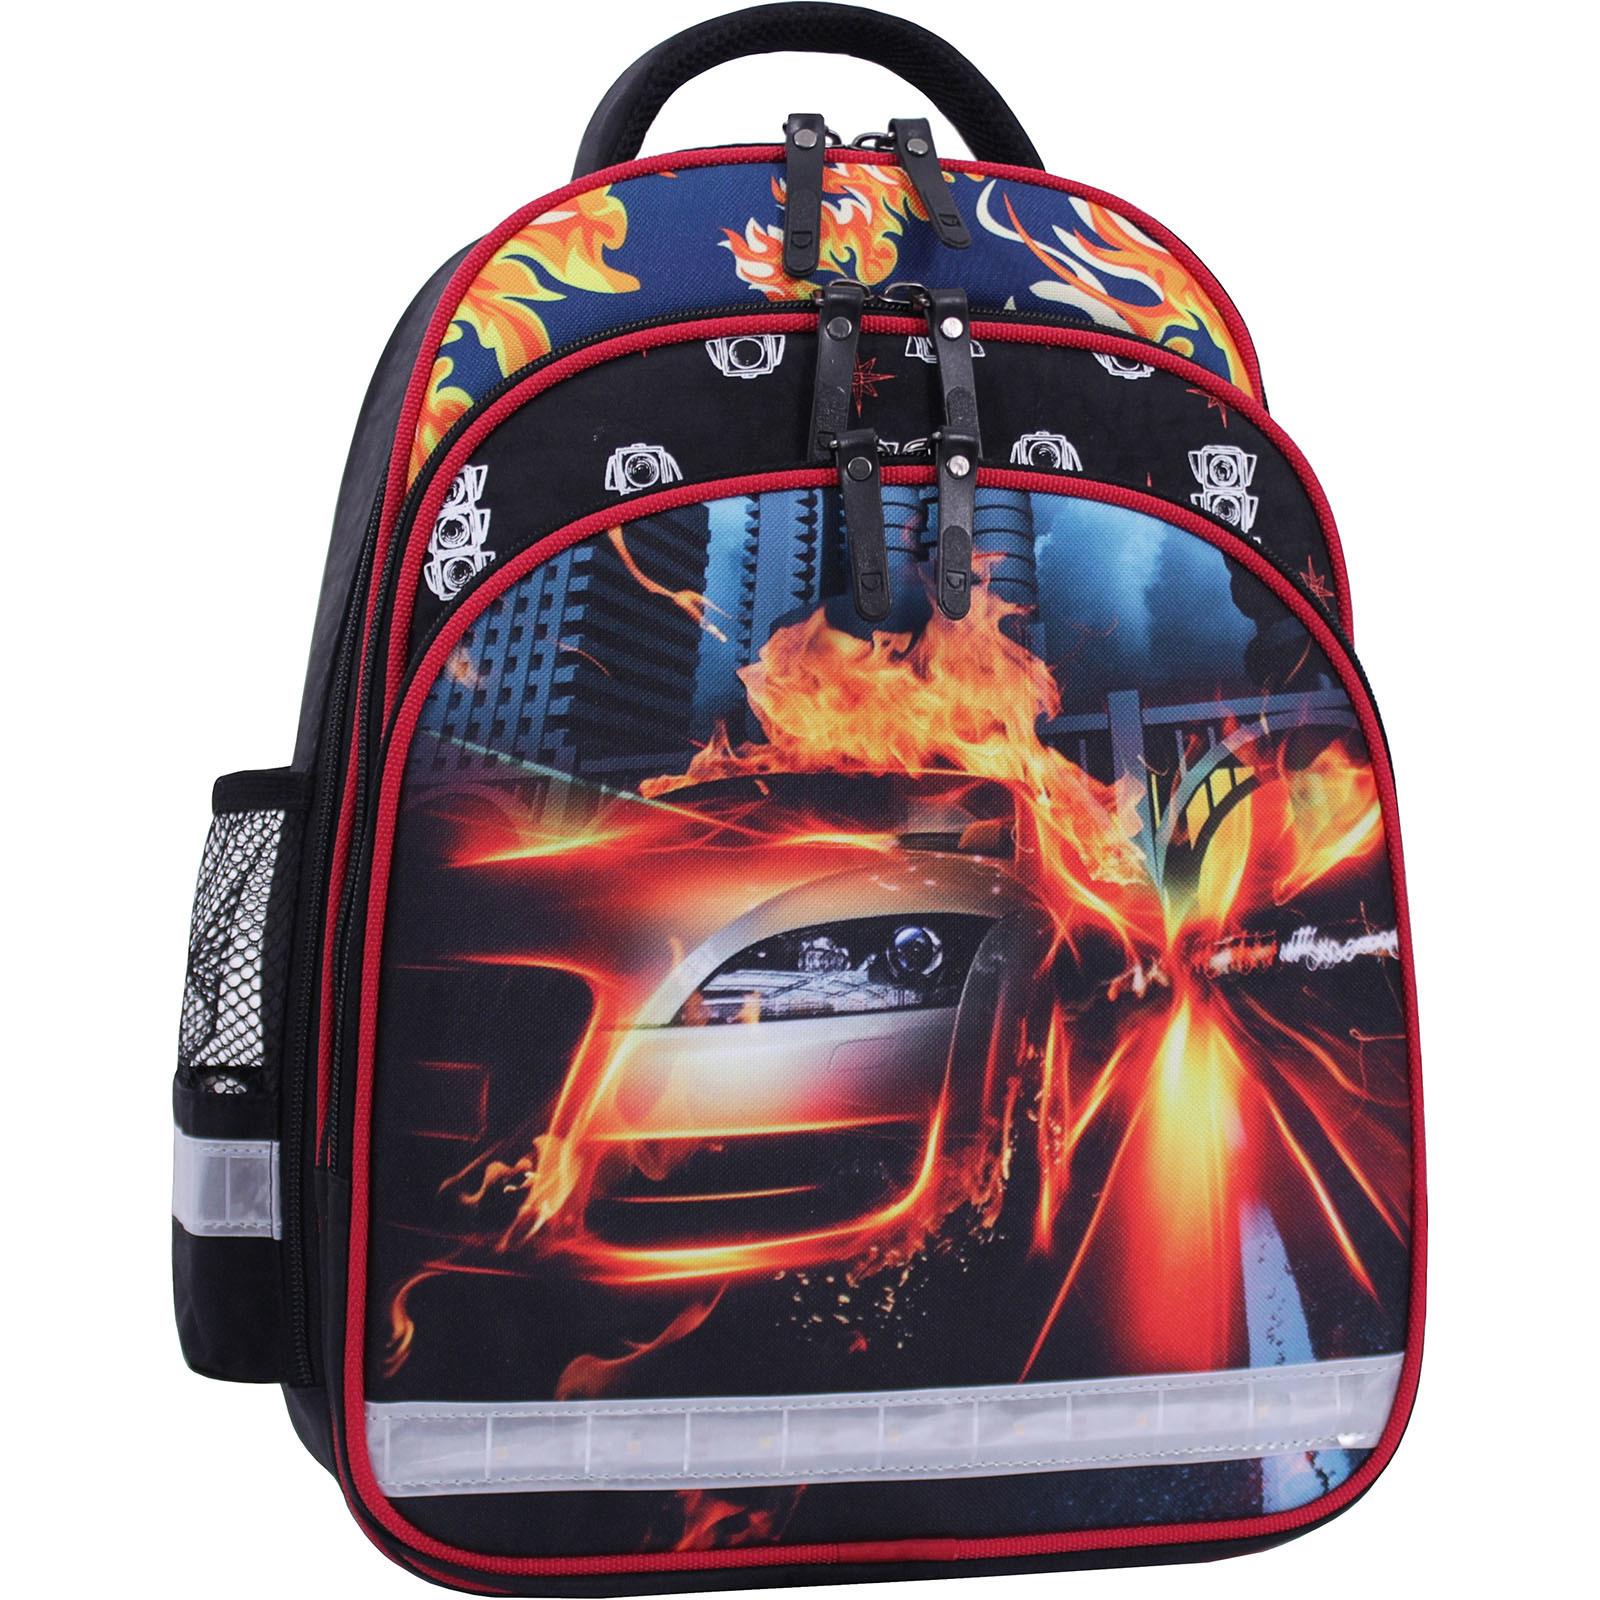 Детские рюкзаки Рюкзак школьный Bagland Mouse черный 500 (0051370) IMG_9718.JPG